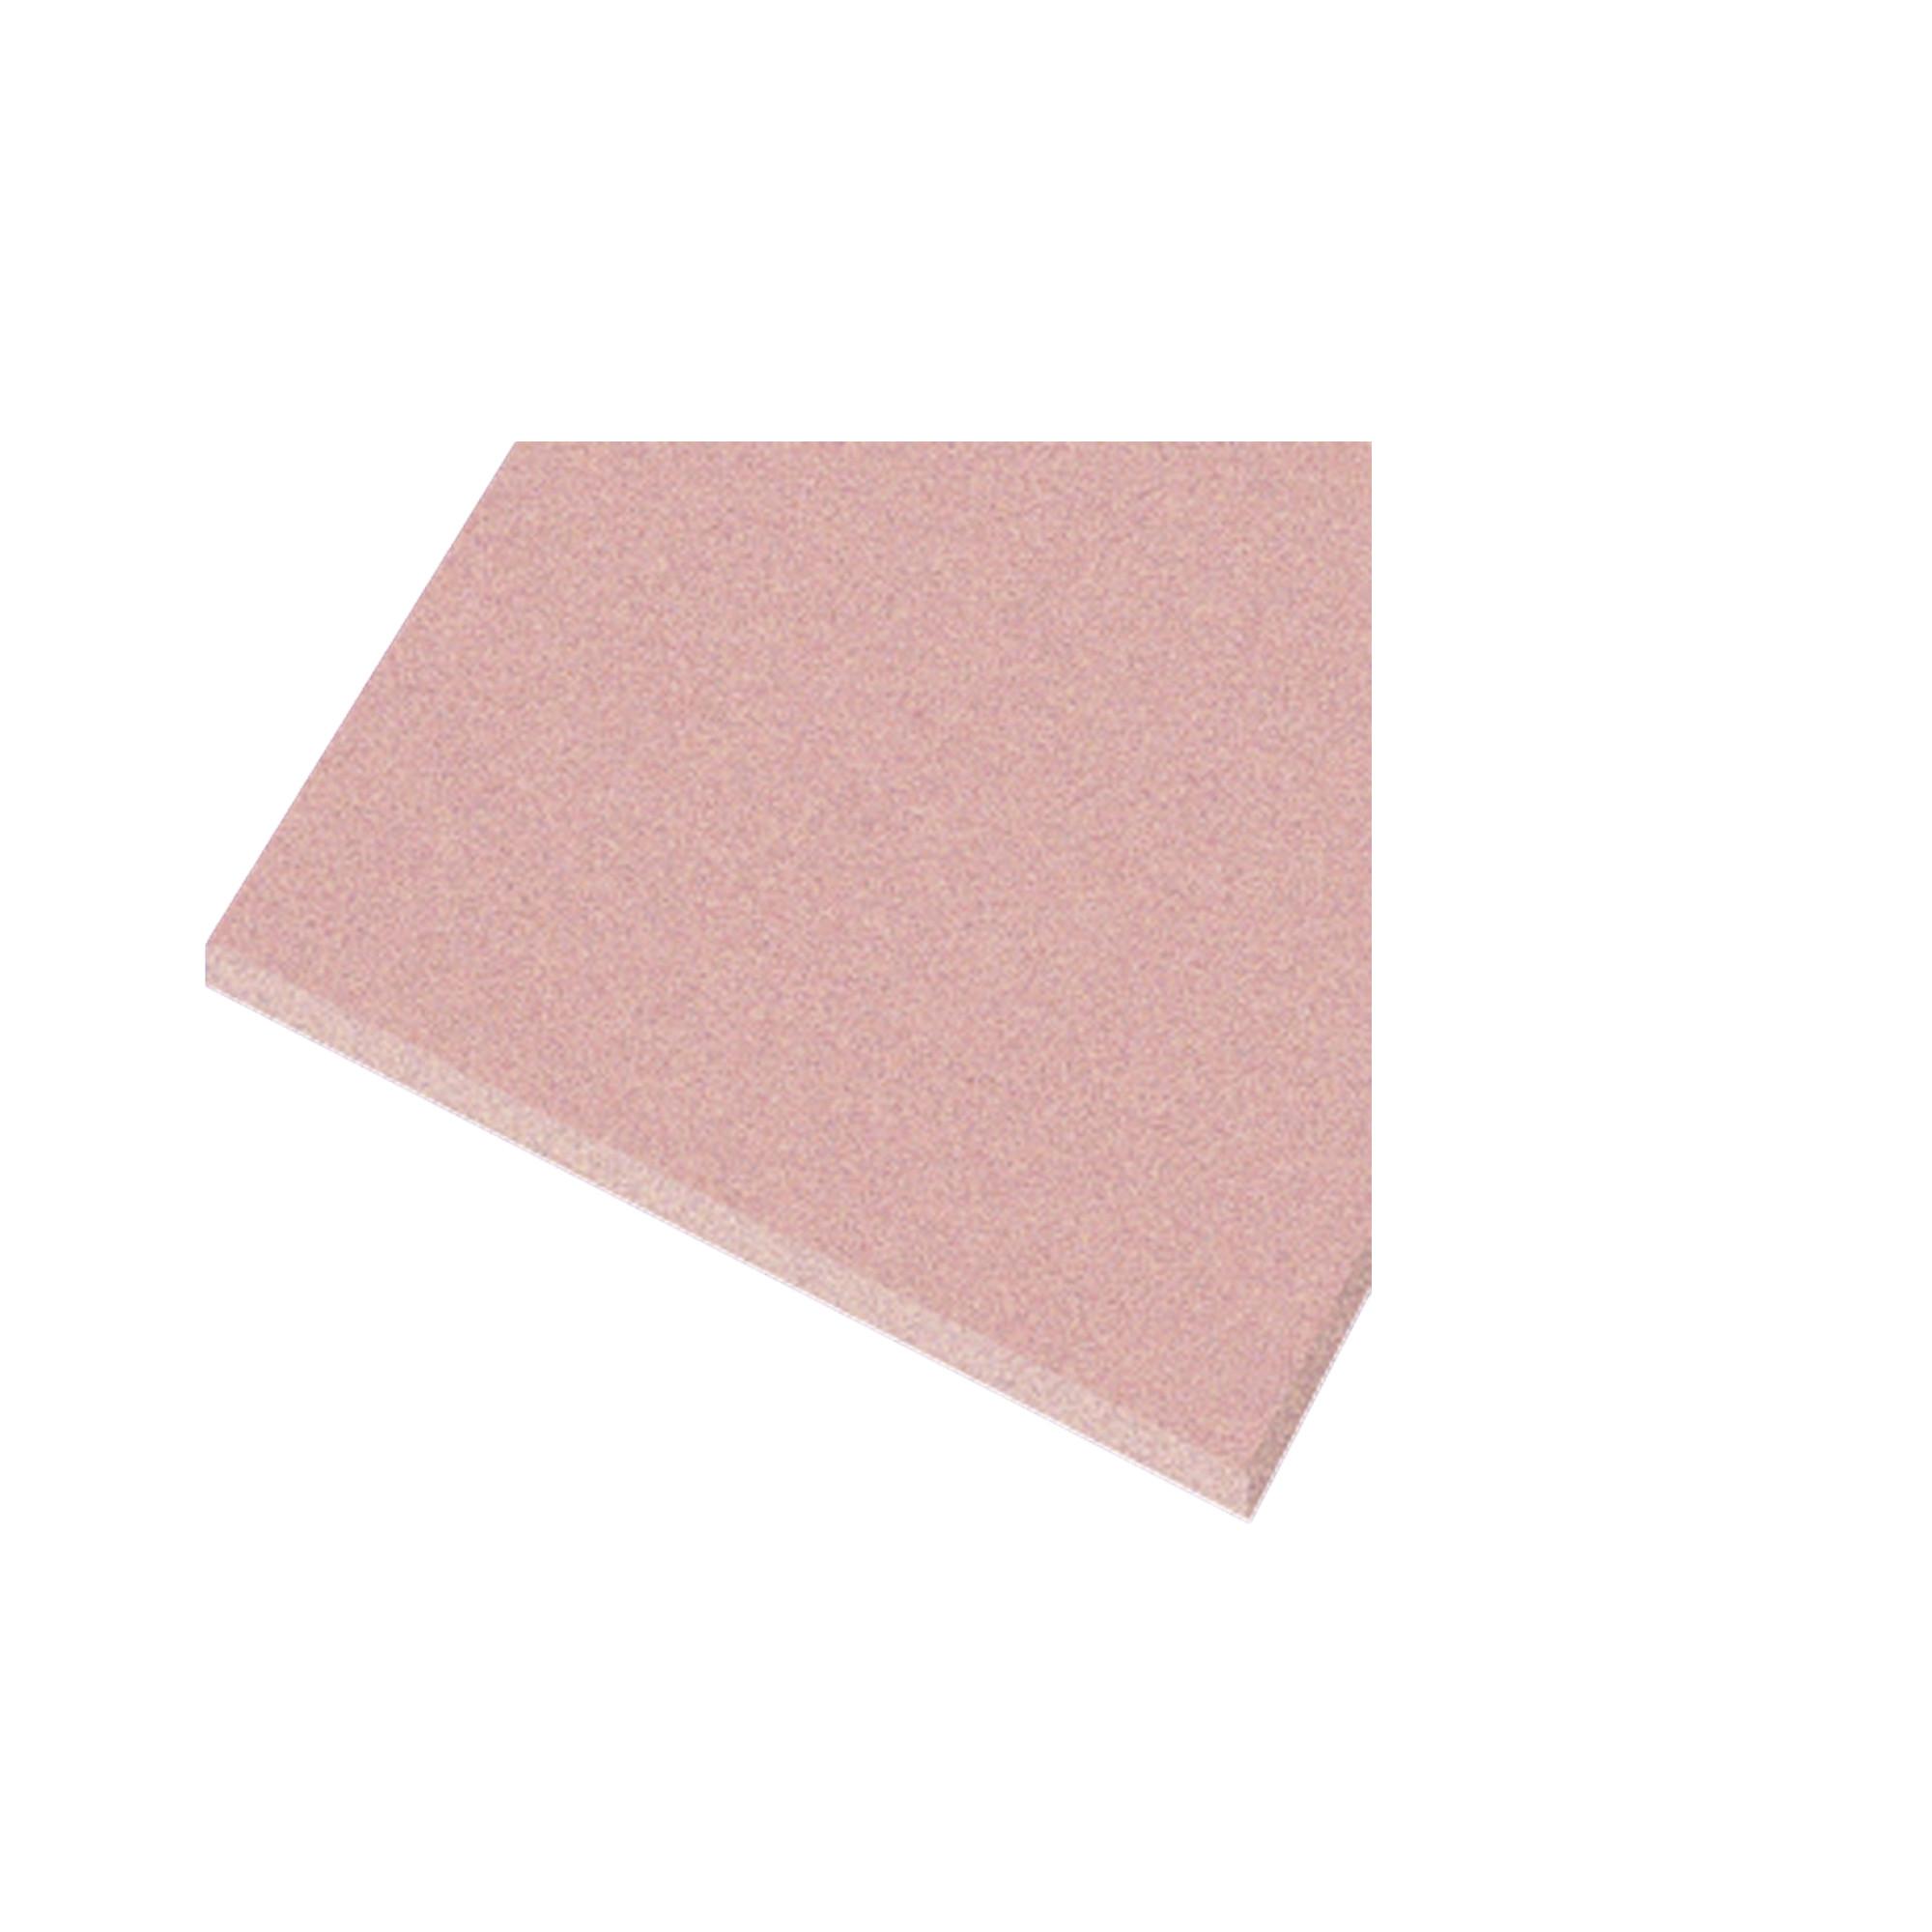 Plaque en feutre adhésif hypoallergénique - Têtes métatarsiennes - 1 pièce